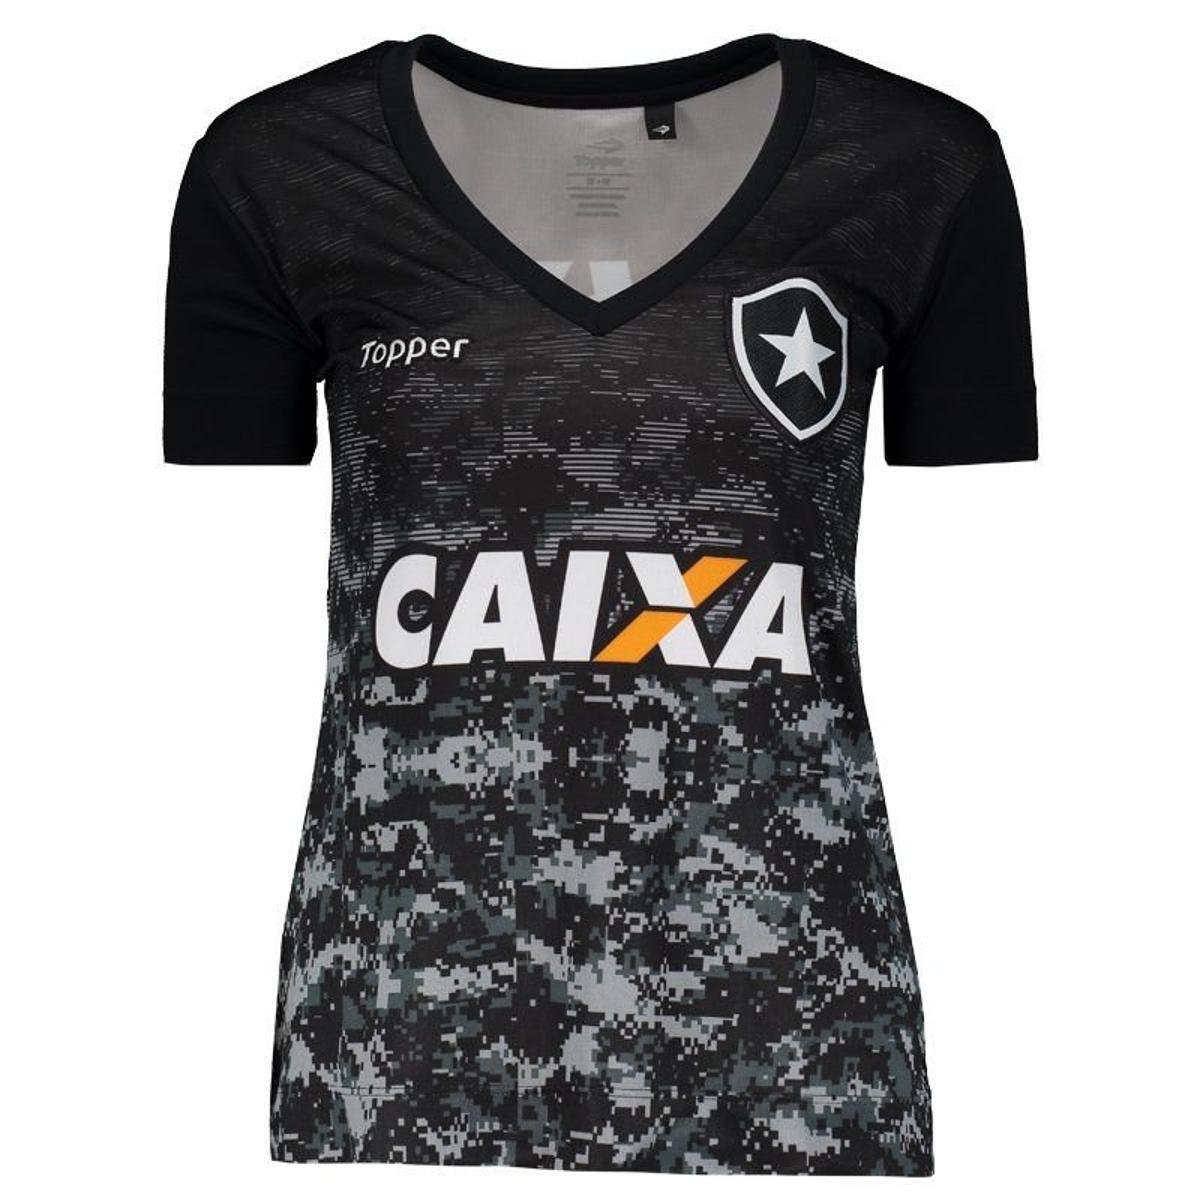 c5e9ae982a Camisa Topper Botafogo Aquecimento 2017 Feminina - Preto - Compre ...